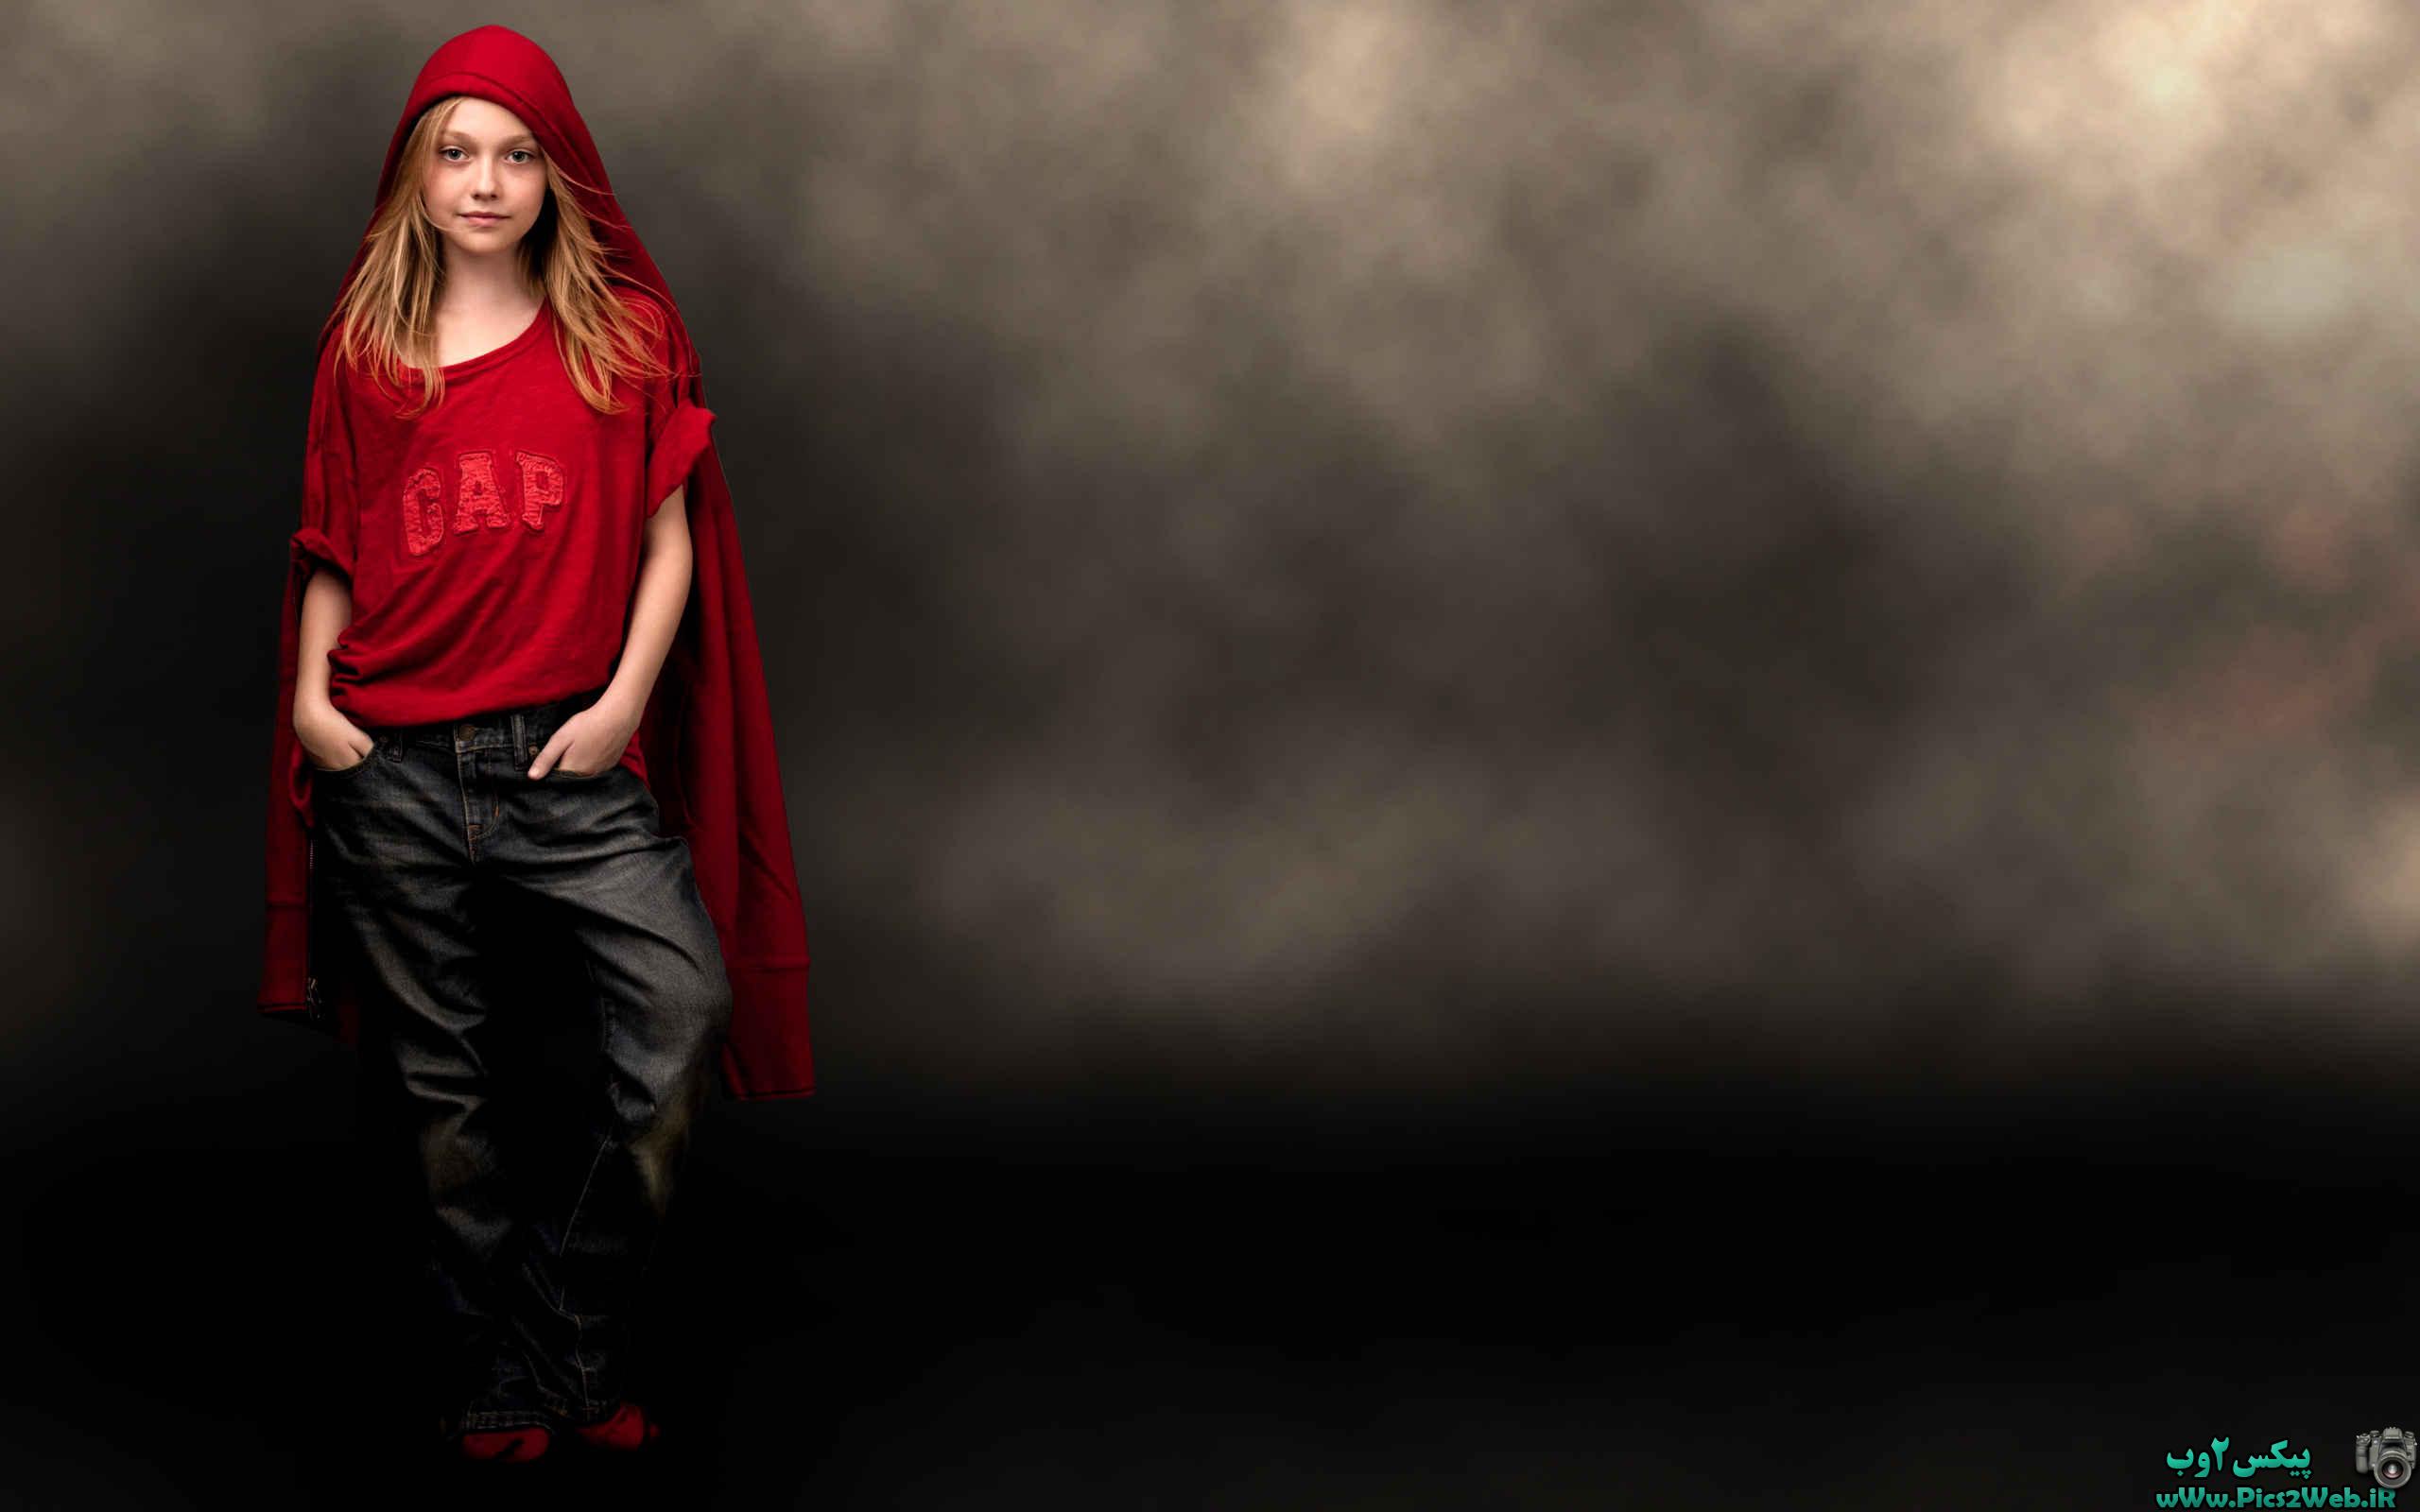 عکس دختر با لباس قرمز